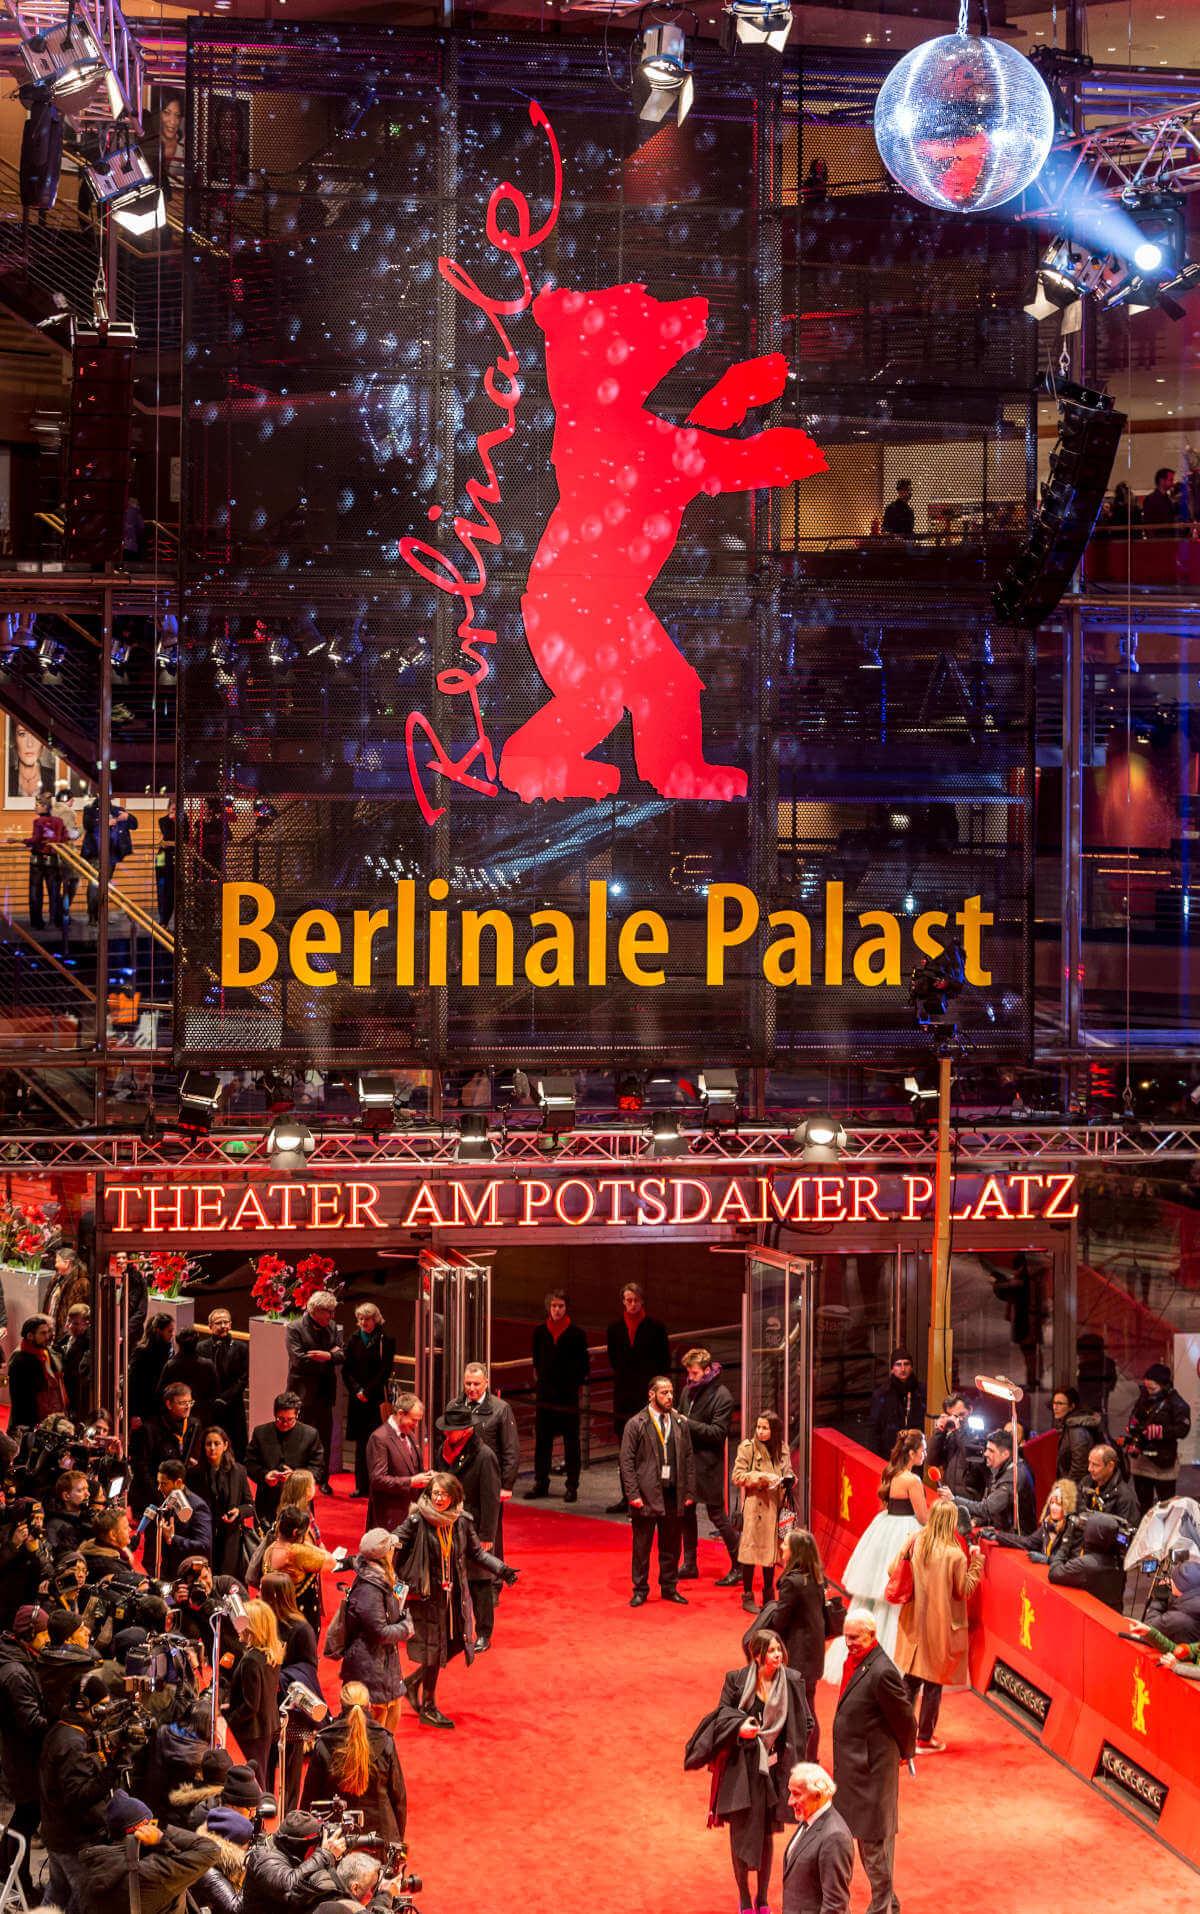 Der rote Teppich bei der Berlinale am Potsdamer Platz